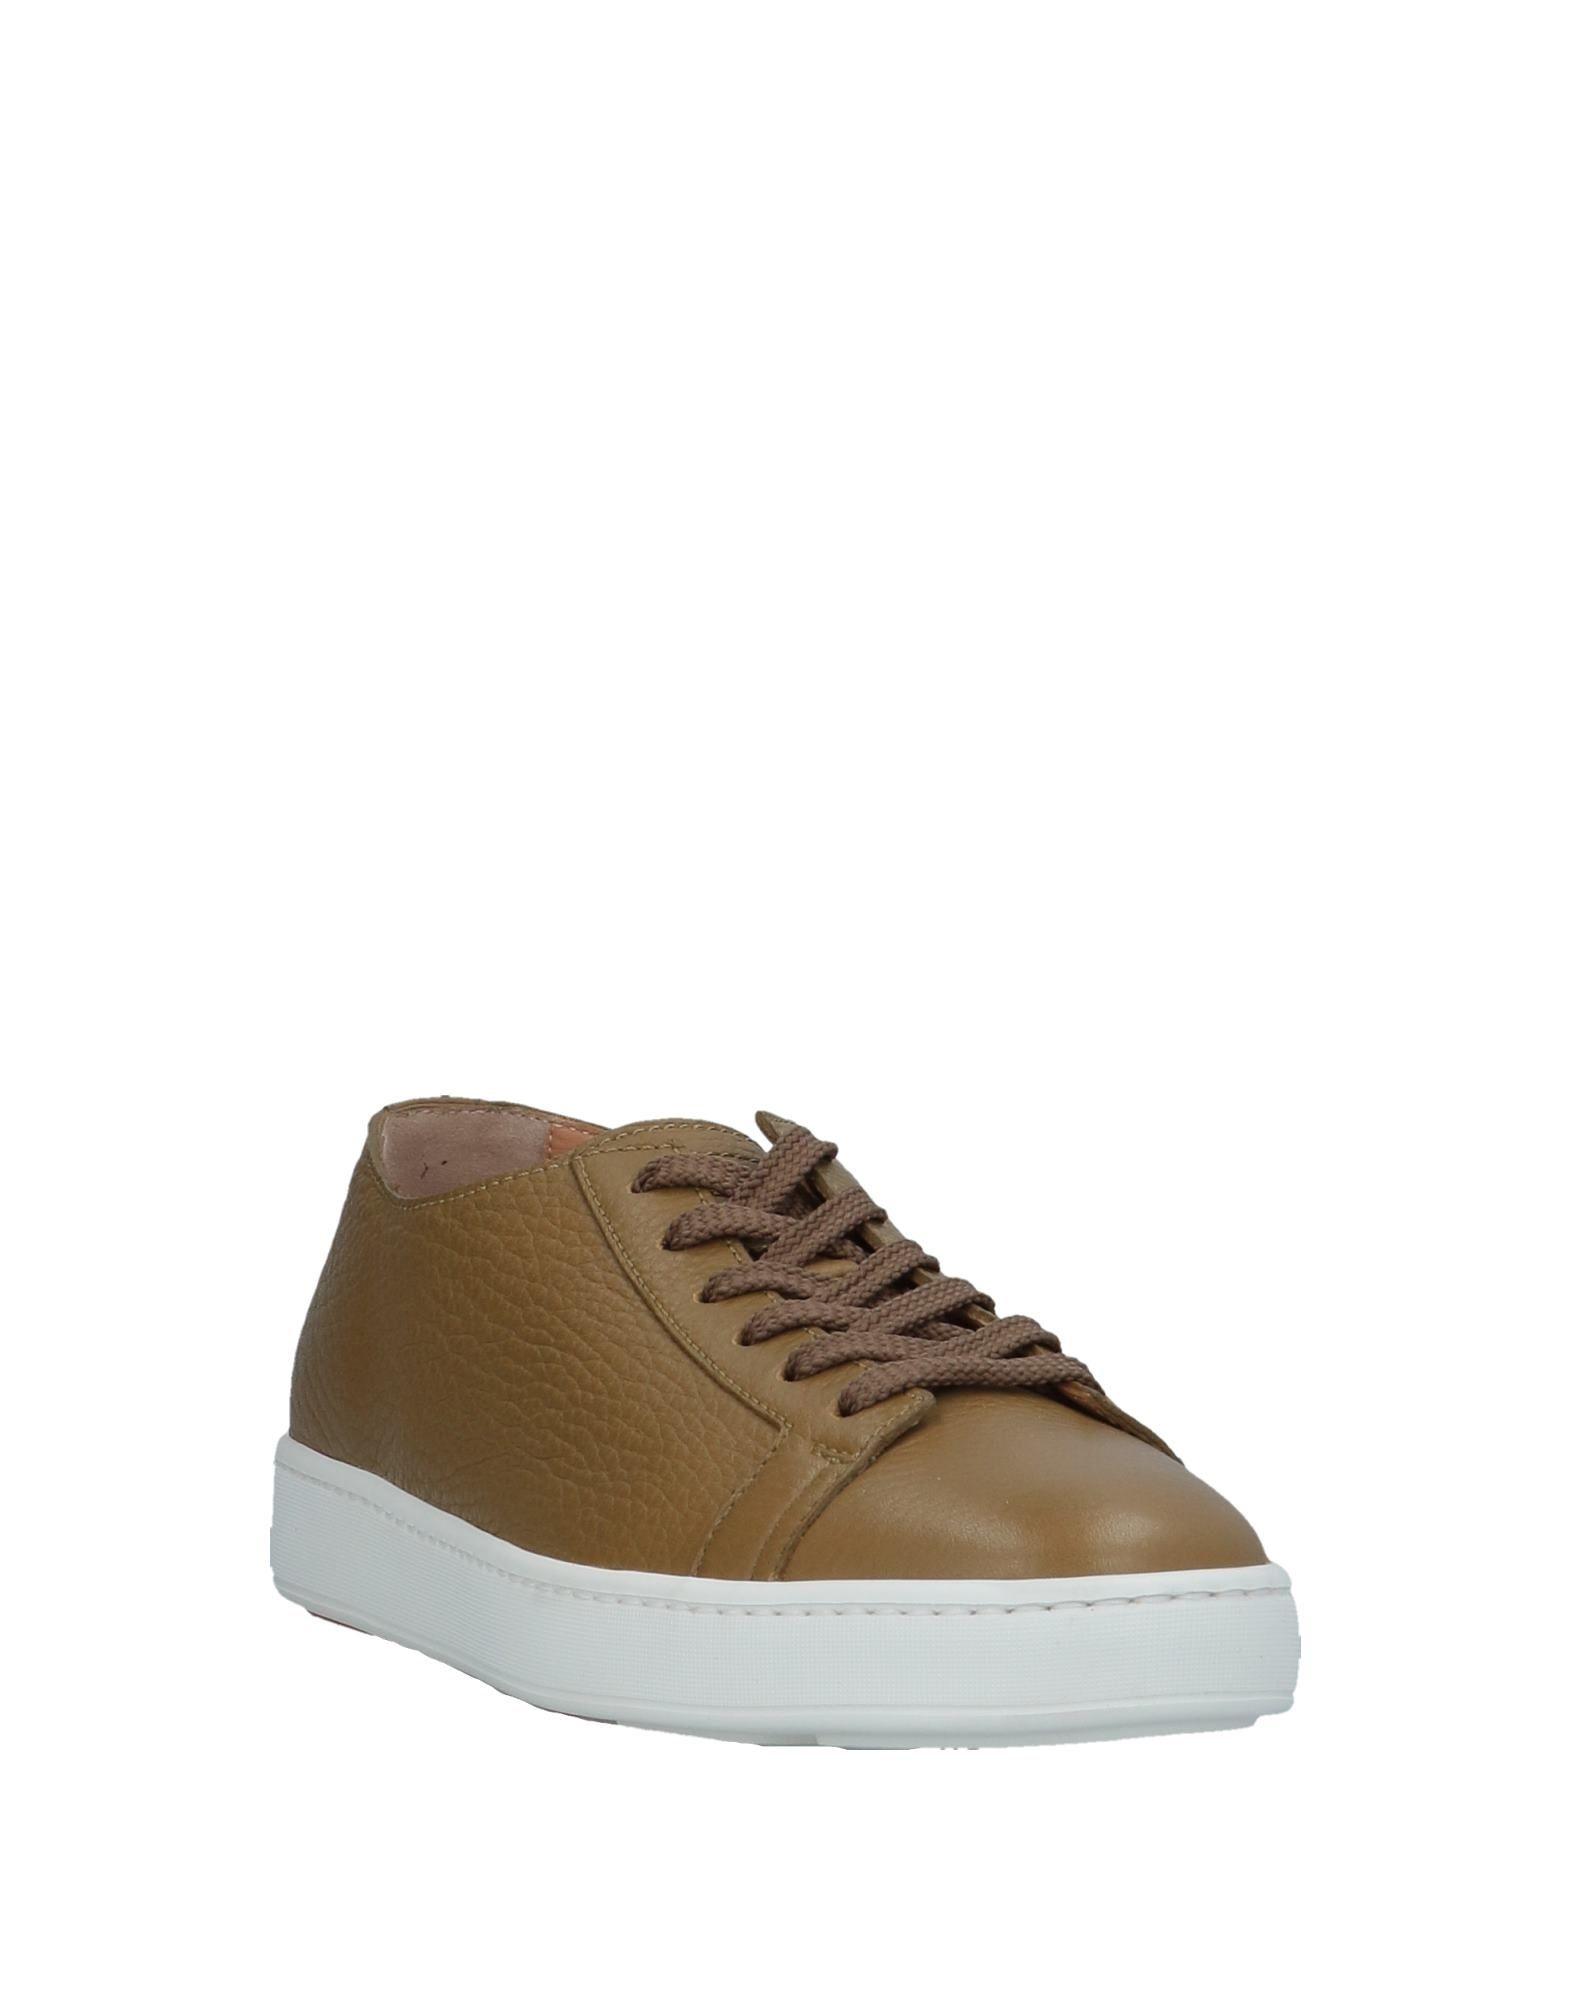 Scarpe Uomo economiche e resistenti Sneakers Santoni Uomo Scarpe - 11541448UH 8c4028